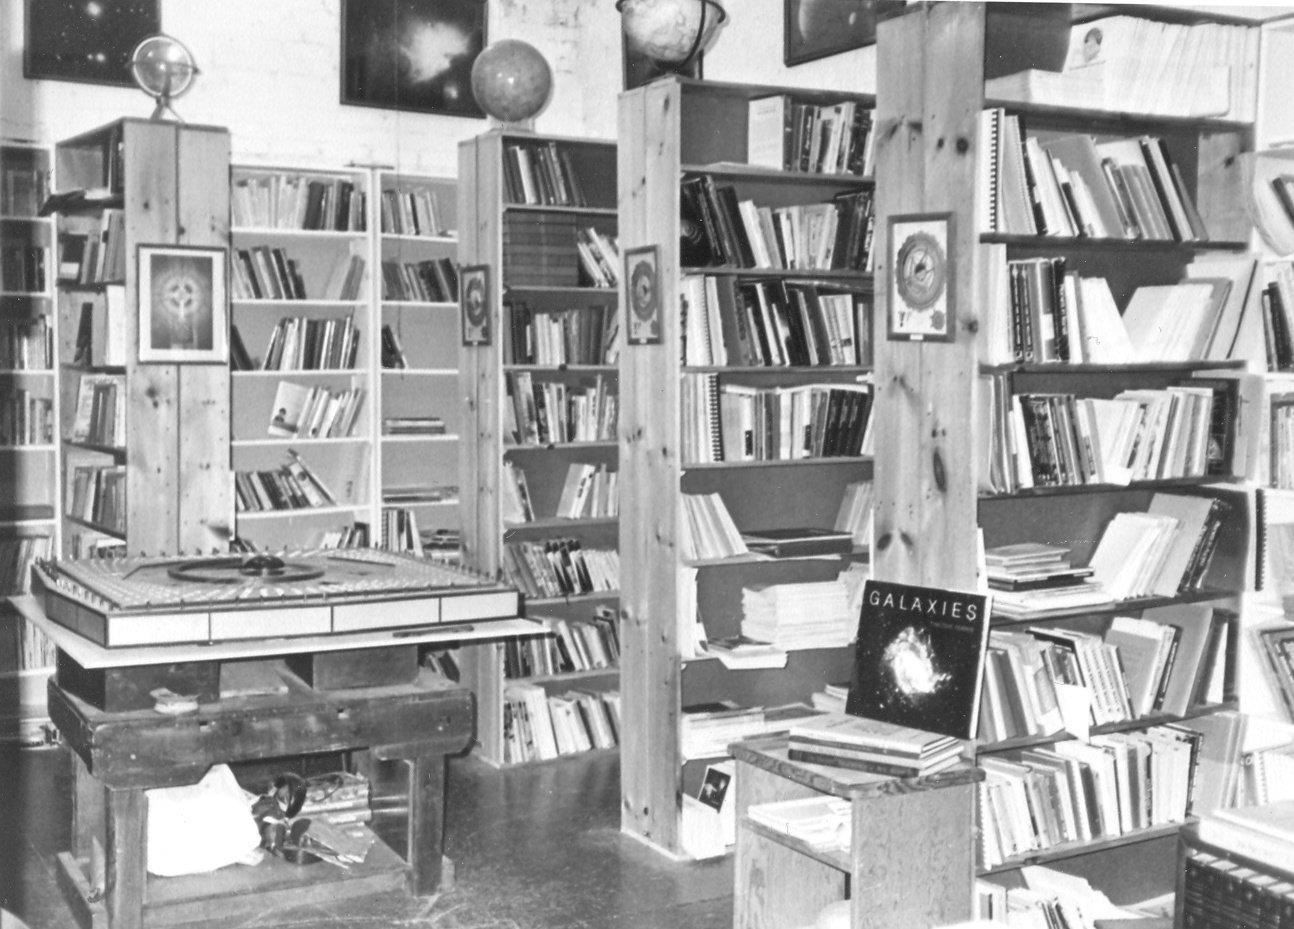 1983-iao Library-Celestial Harp